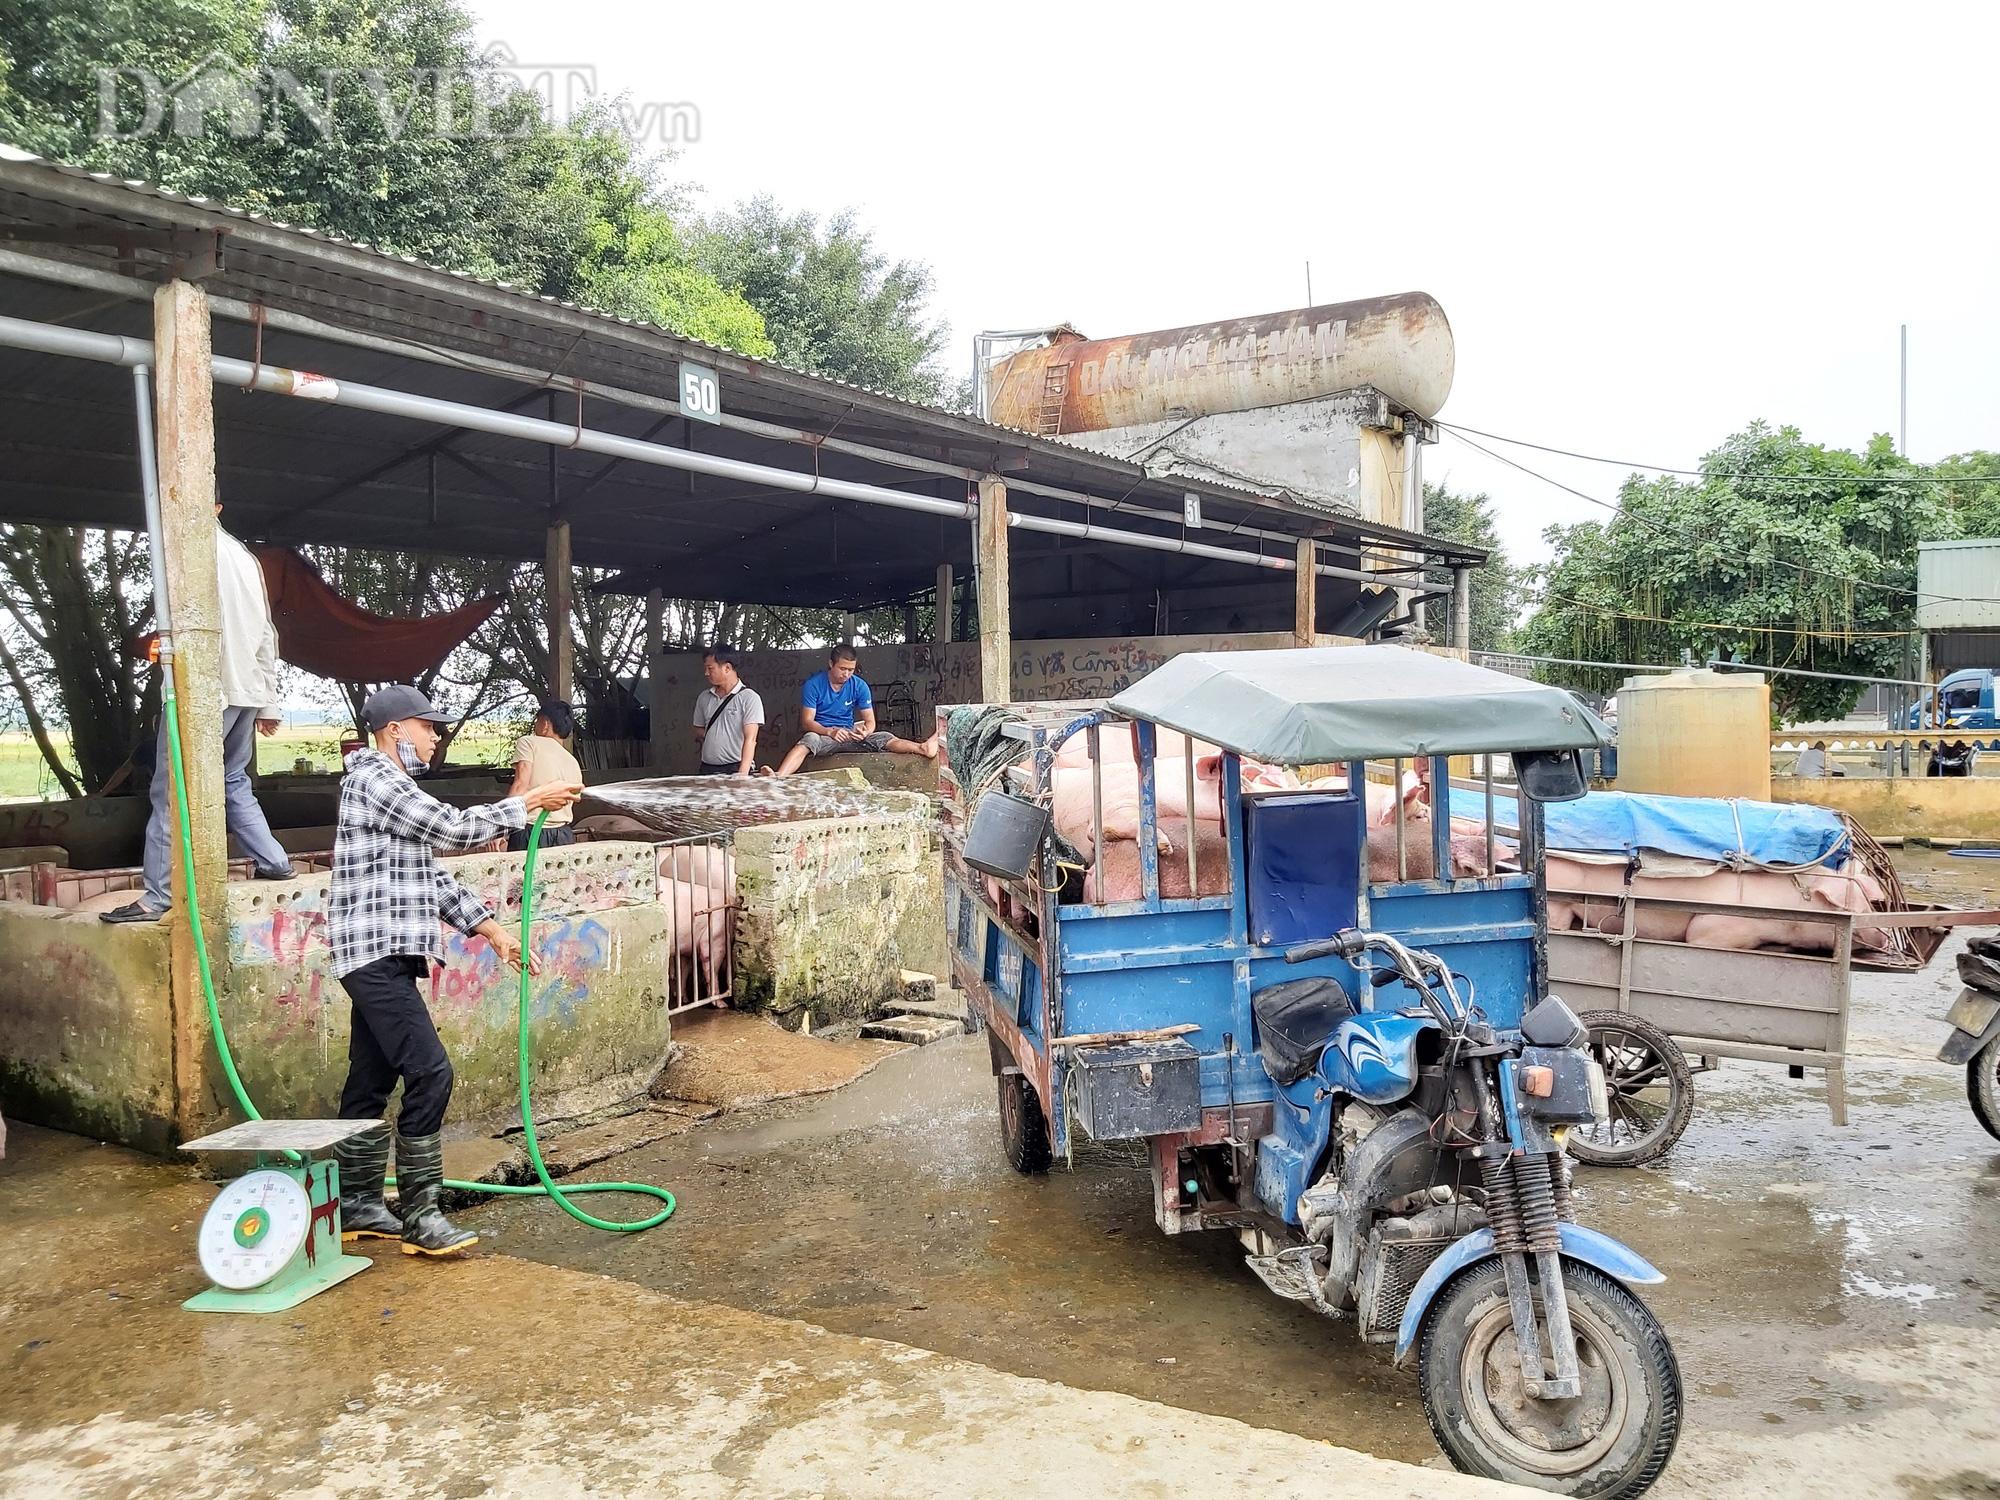 Chợ đầu mối lợn lớn nhất phía Bắc: cảnh mua bán tấp nập, giá lợn hơi tại chợ giảm từ 2.000 đồng - 4.000 đồng/kg - Ảnh 4.